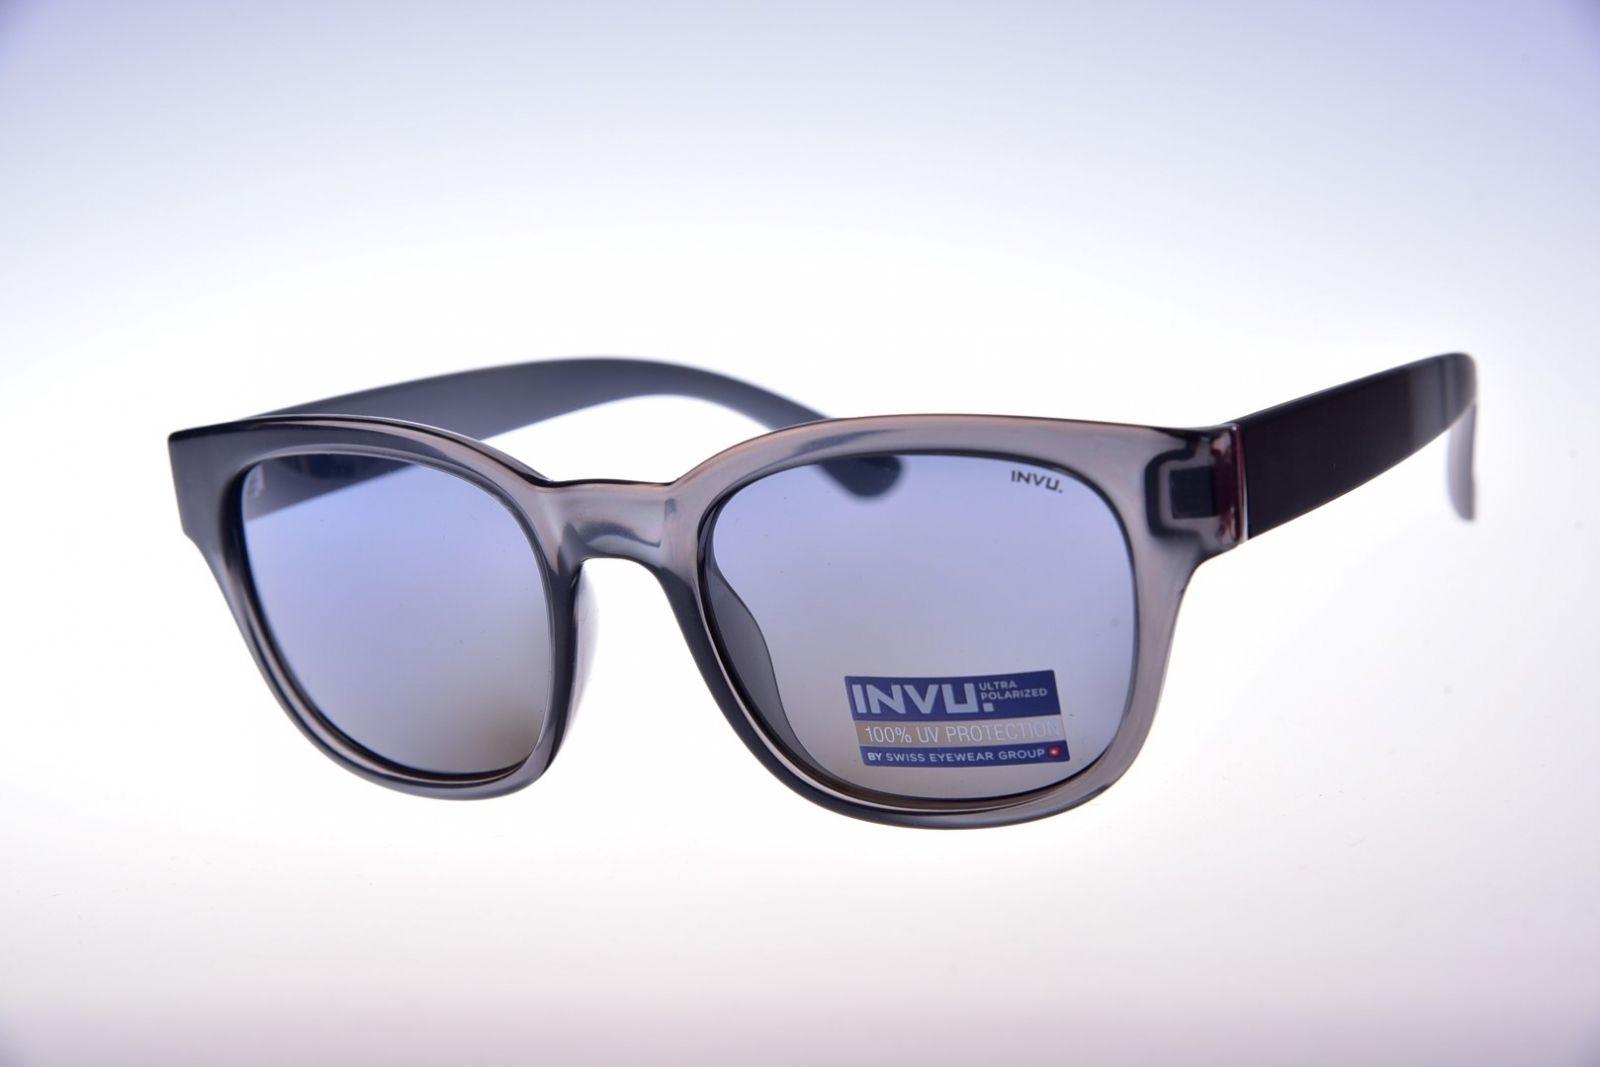 462b615ca INVU. Classic B2725B - Dámske slnečné okuliare | fashion ...